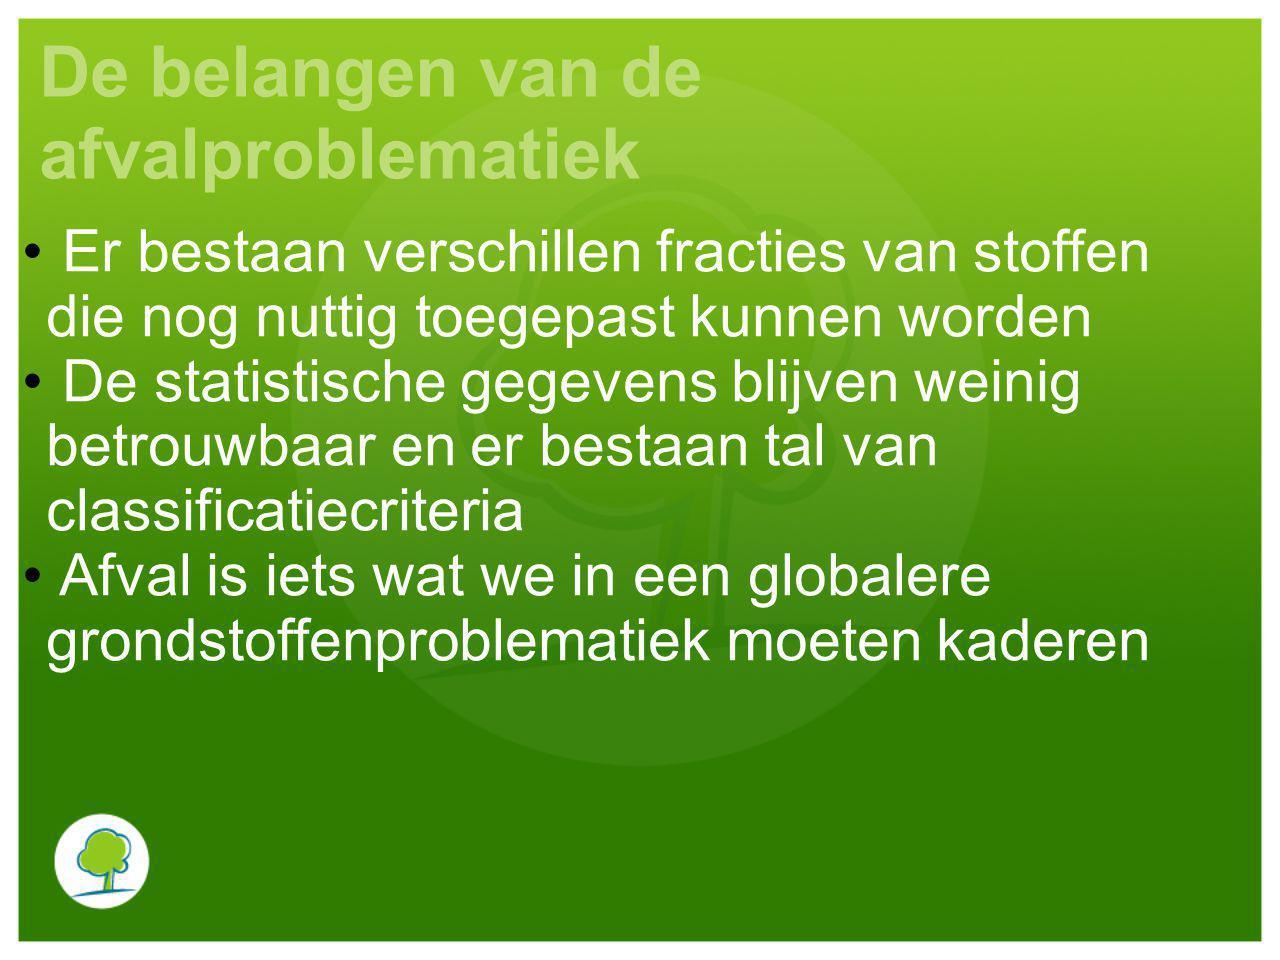 Brusselse context Het gewestelijk afvalstoffenplan: - Bepaalt de richtlijnen op korte, middellange en lange termijn; - Omvat preventie- en beheermaatregelen; - Op dit ogenblik is het 4 de afvalstoffenplan van kracht, dat op 10 maart 2010 werd goedgekeurd.